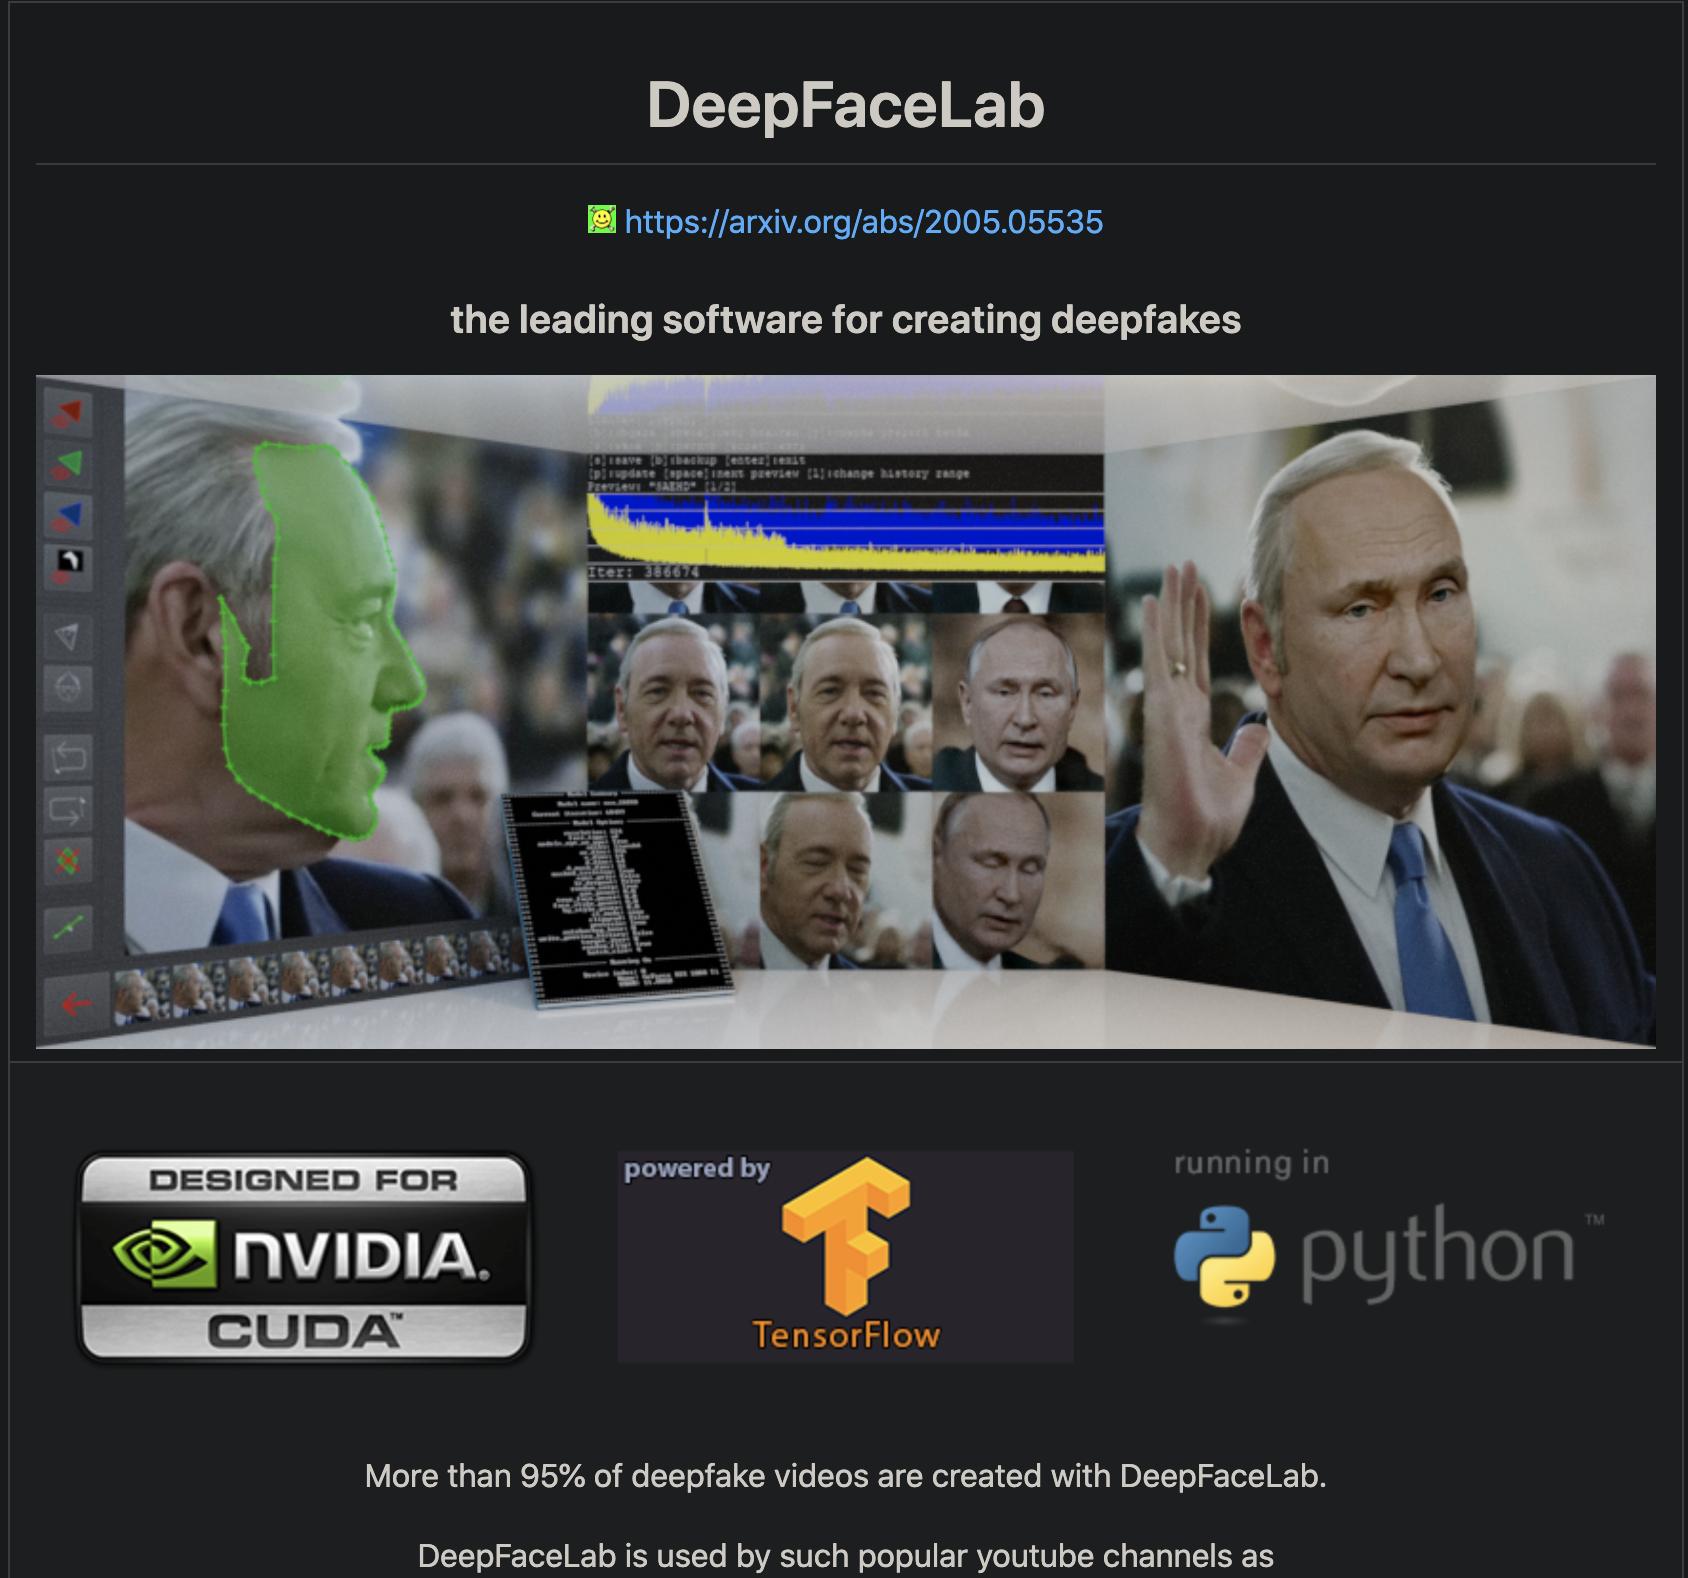 Deepface Lab